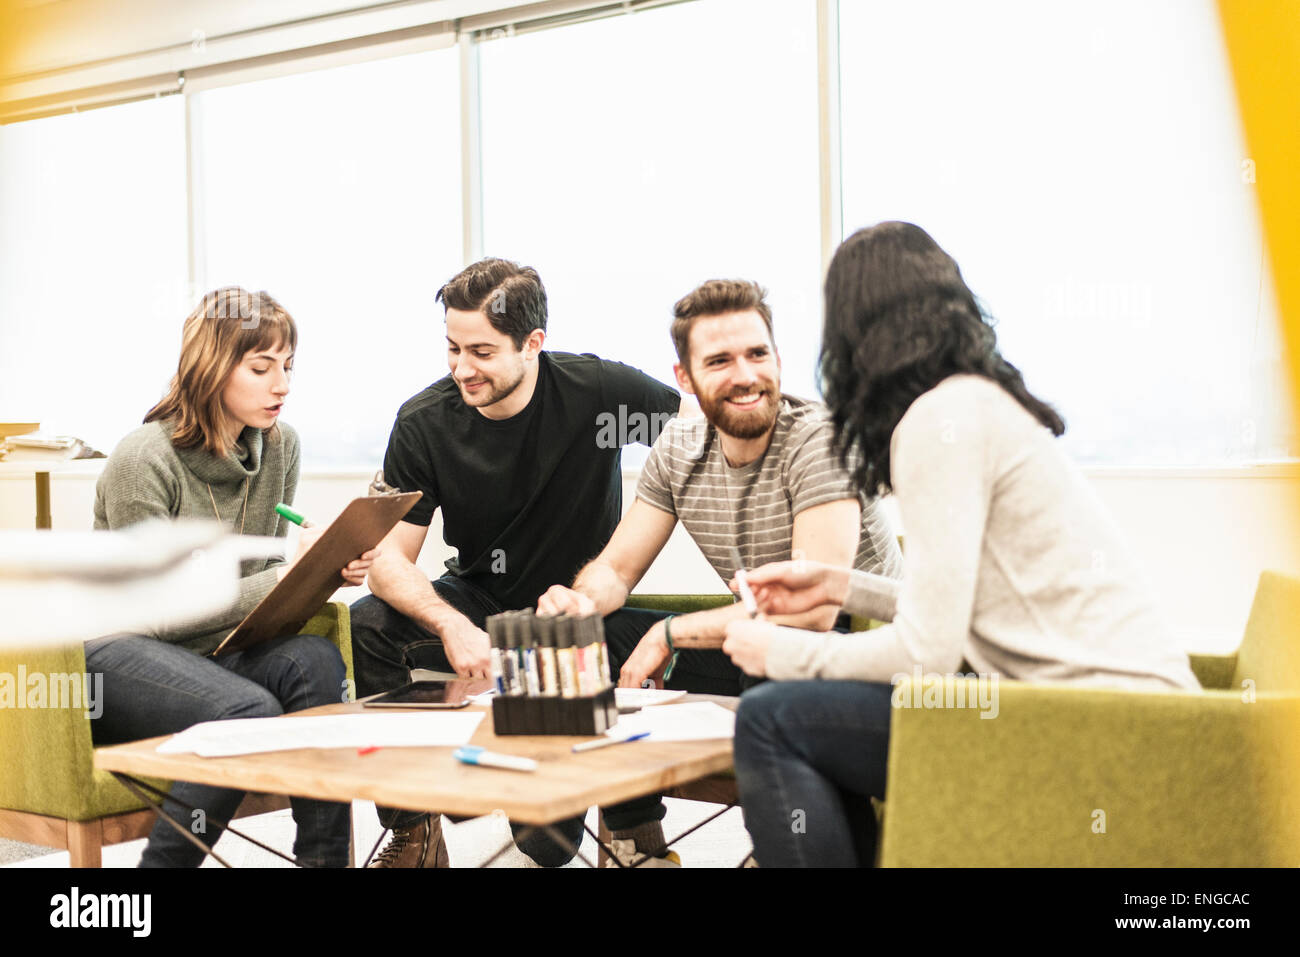 Cuatro Personas Sentadas En Una Mesa, Colegas En La